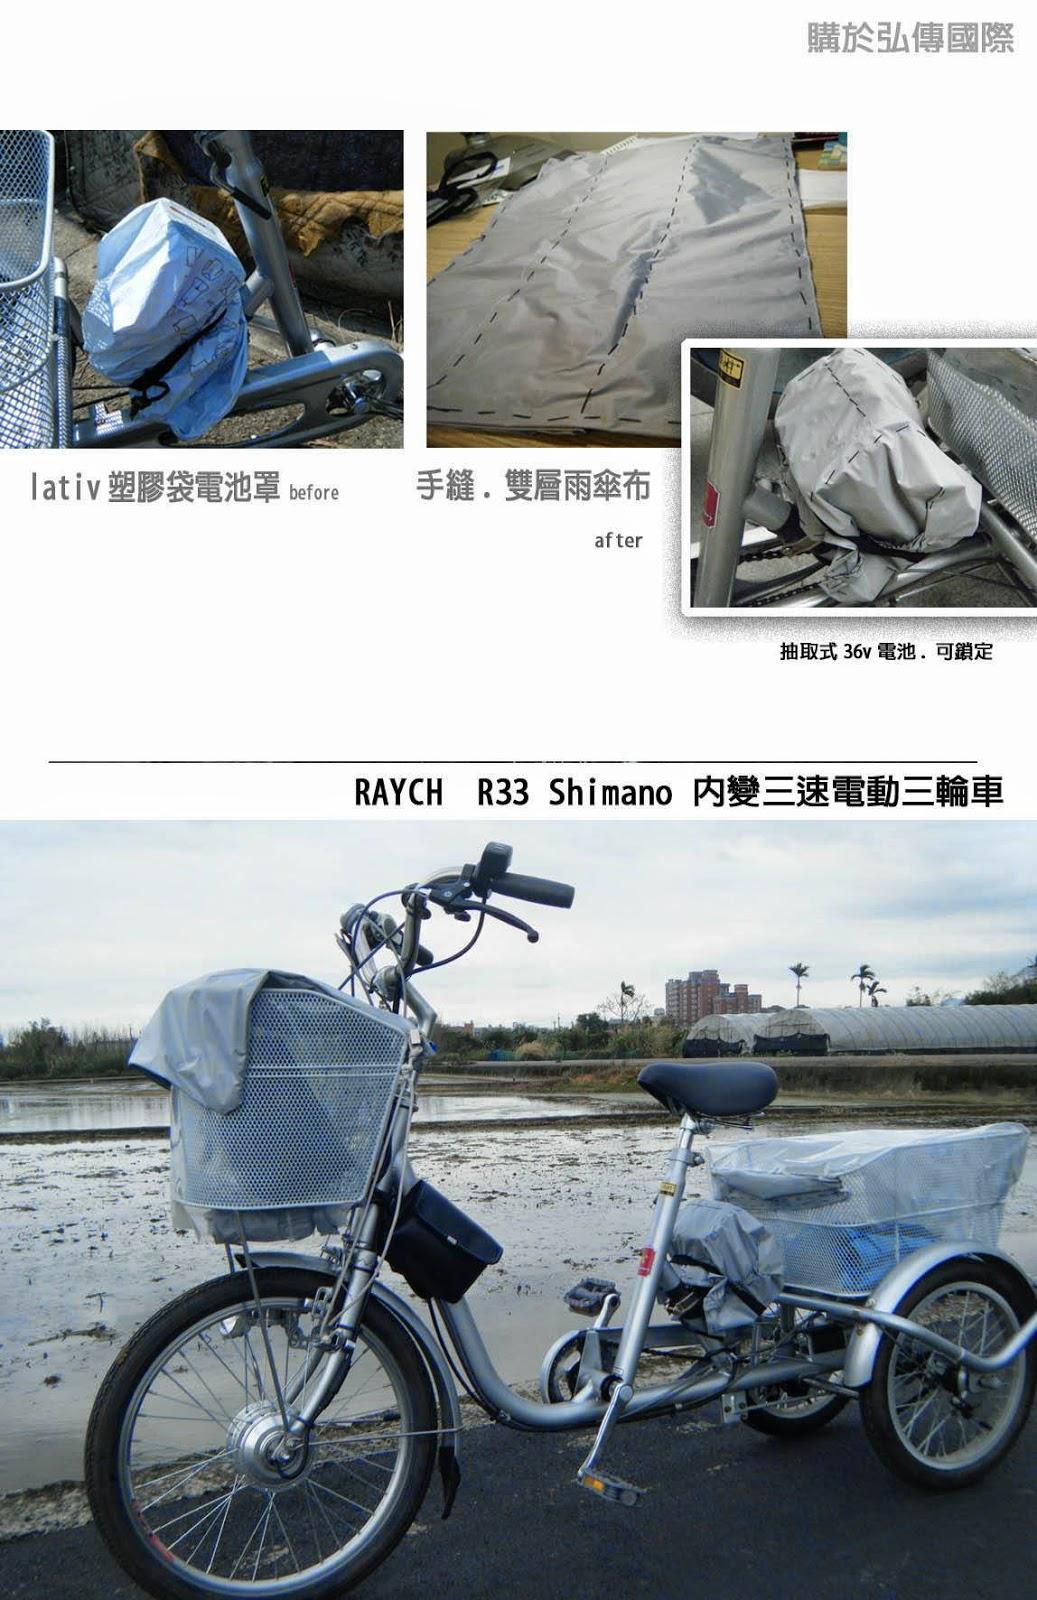 RAYCH R33 SHIMANO電動三輪車